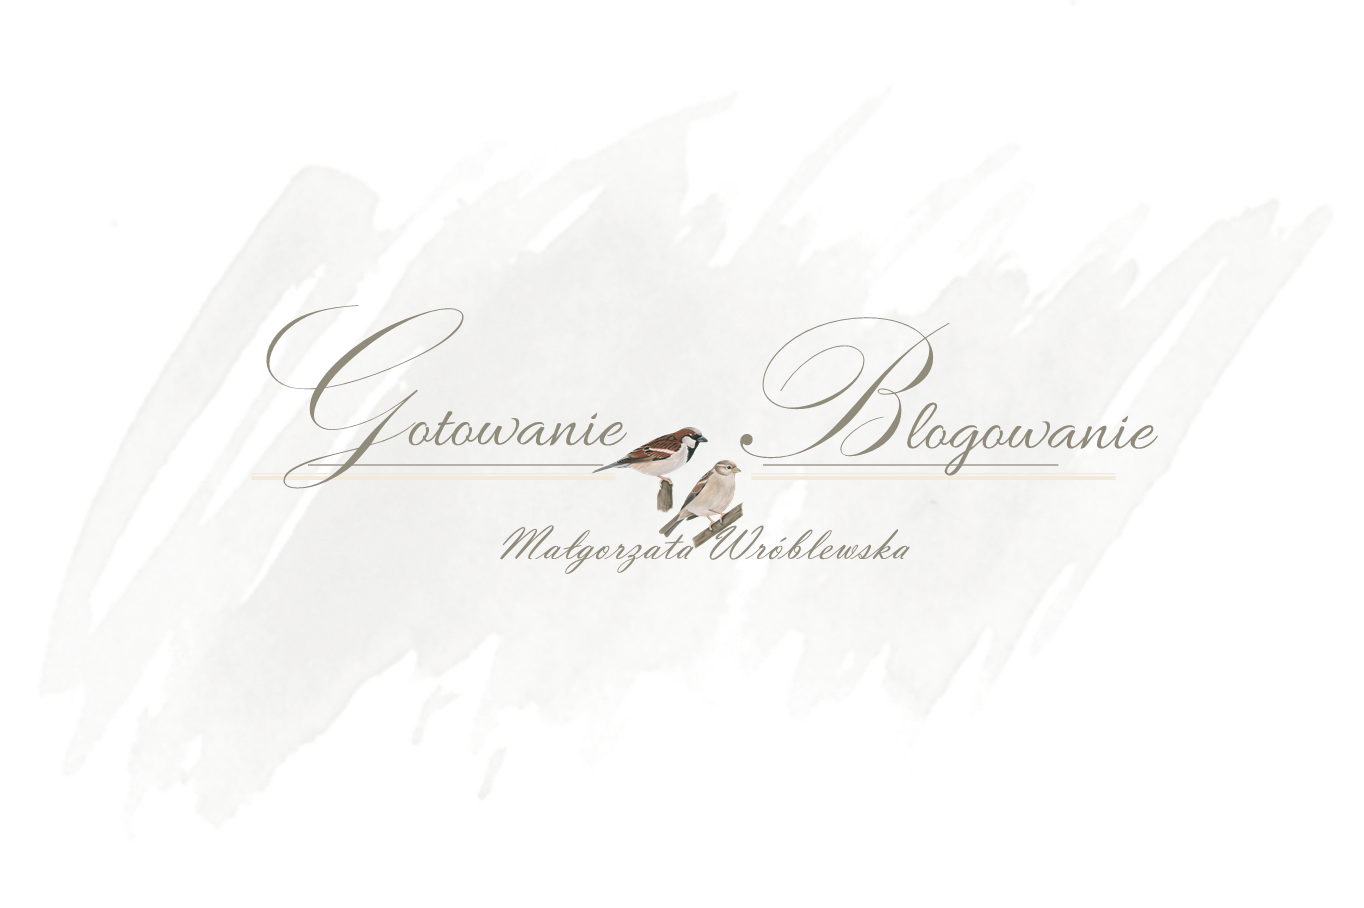 Gotowanie i blogowanie - Małgorzata Wróblewska